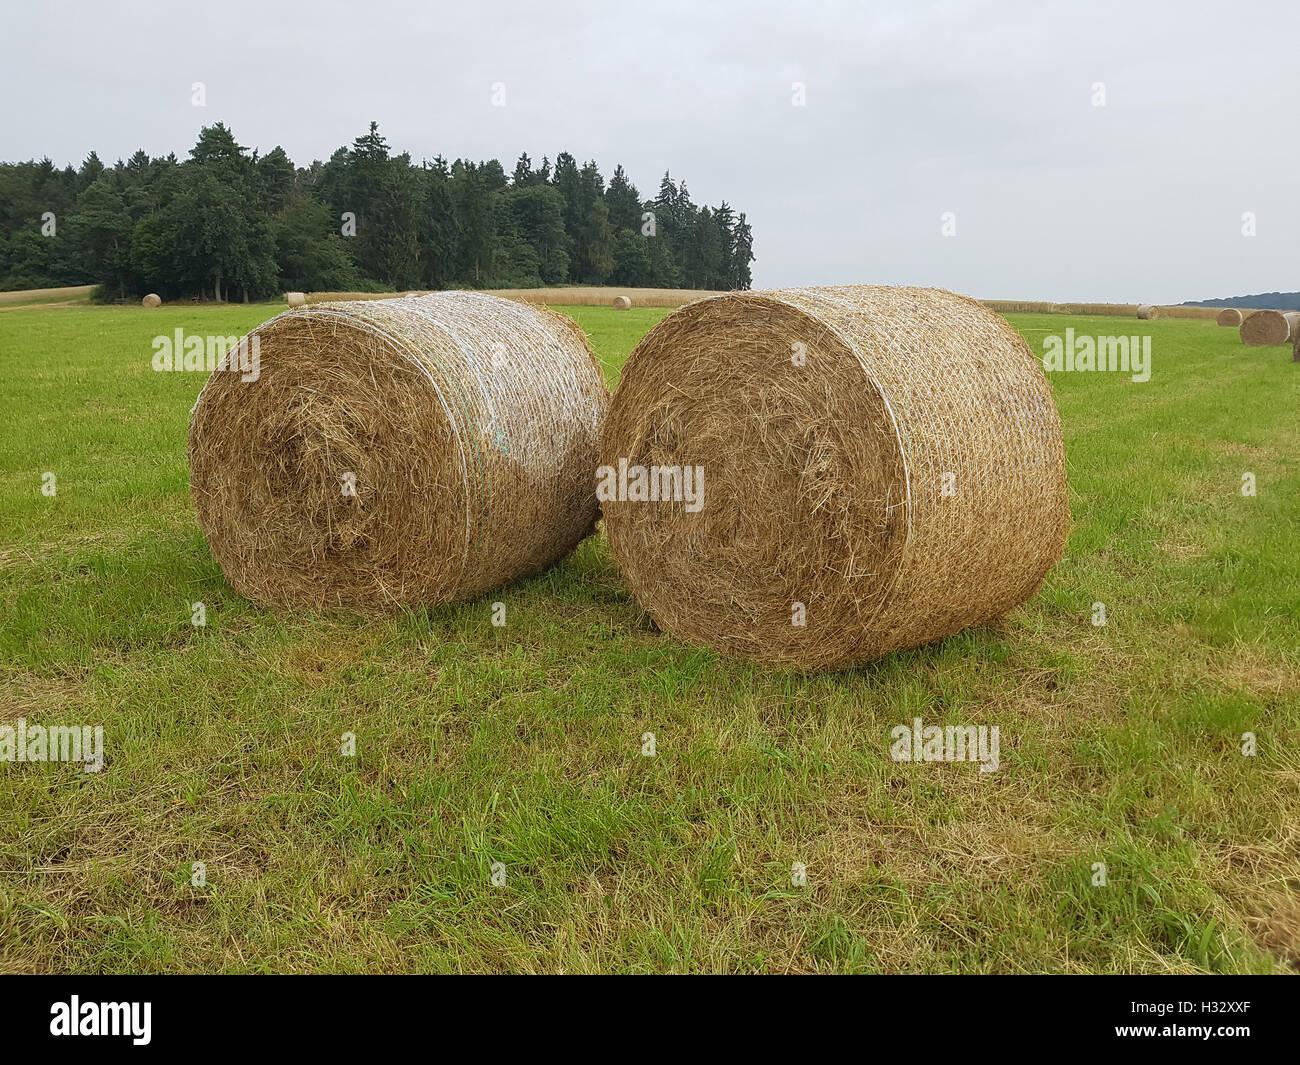 Heuballen, Ballen, Futter, Heu, Stock Photo